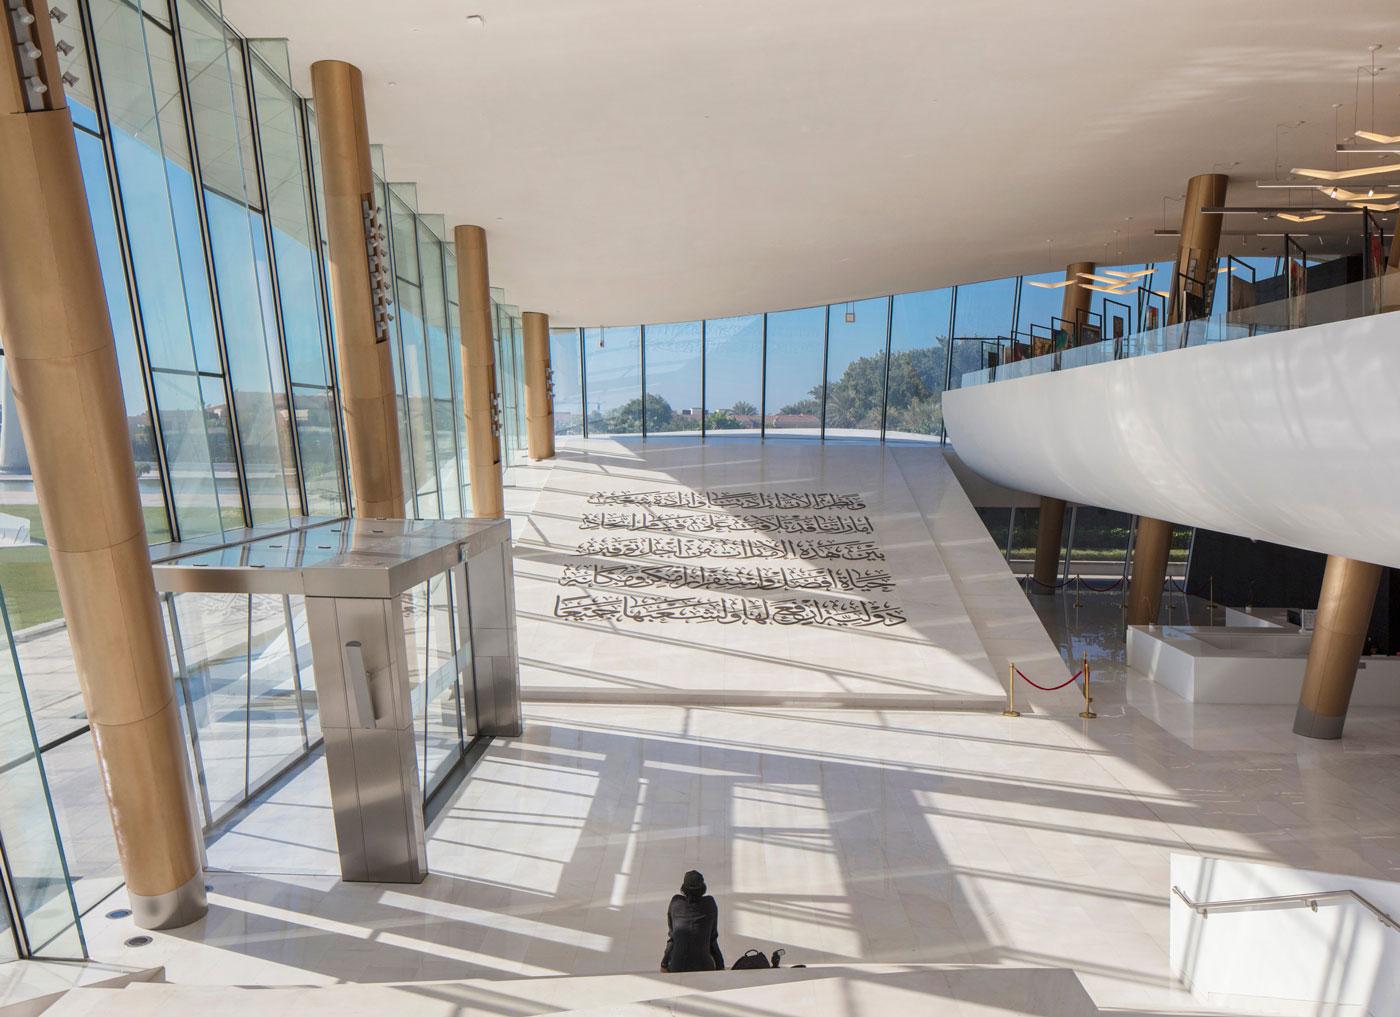 Symbolism reigns in this Dubai Museum